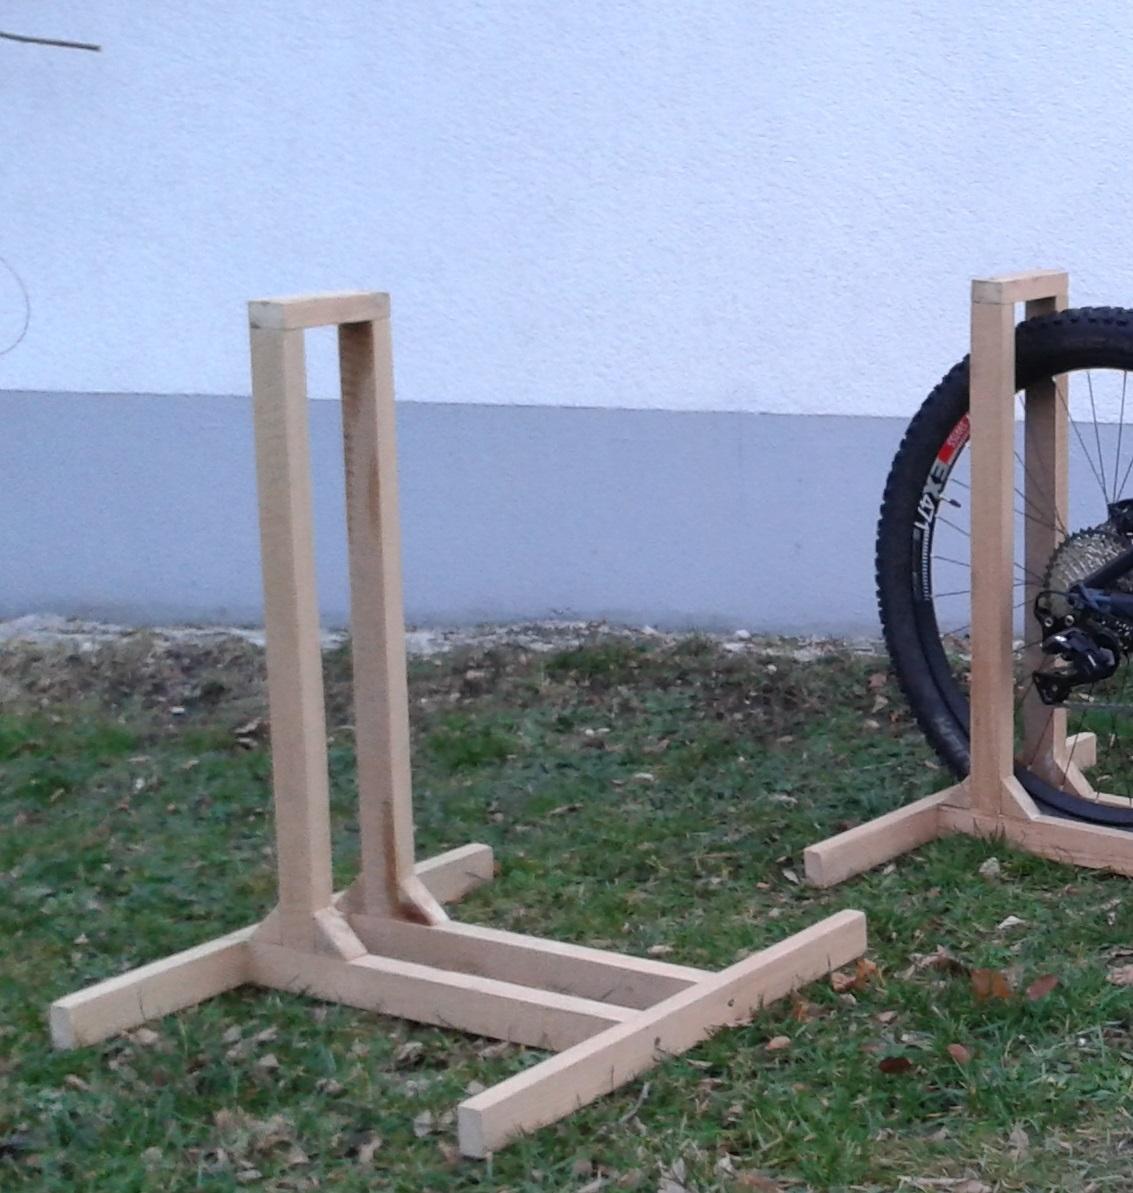 foto: fahrradständer aus holz - v ii, nr. 4 und 5